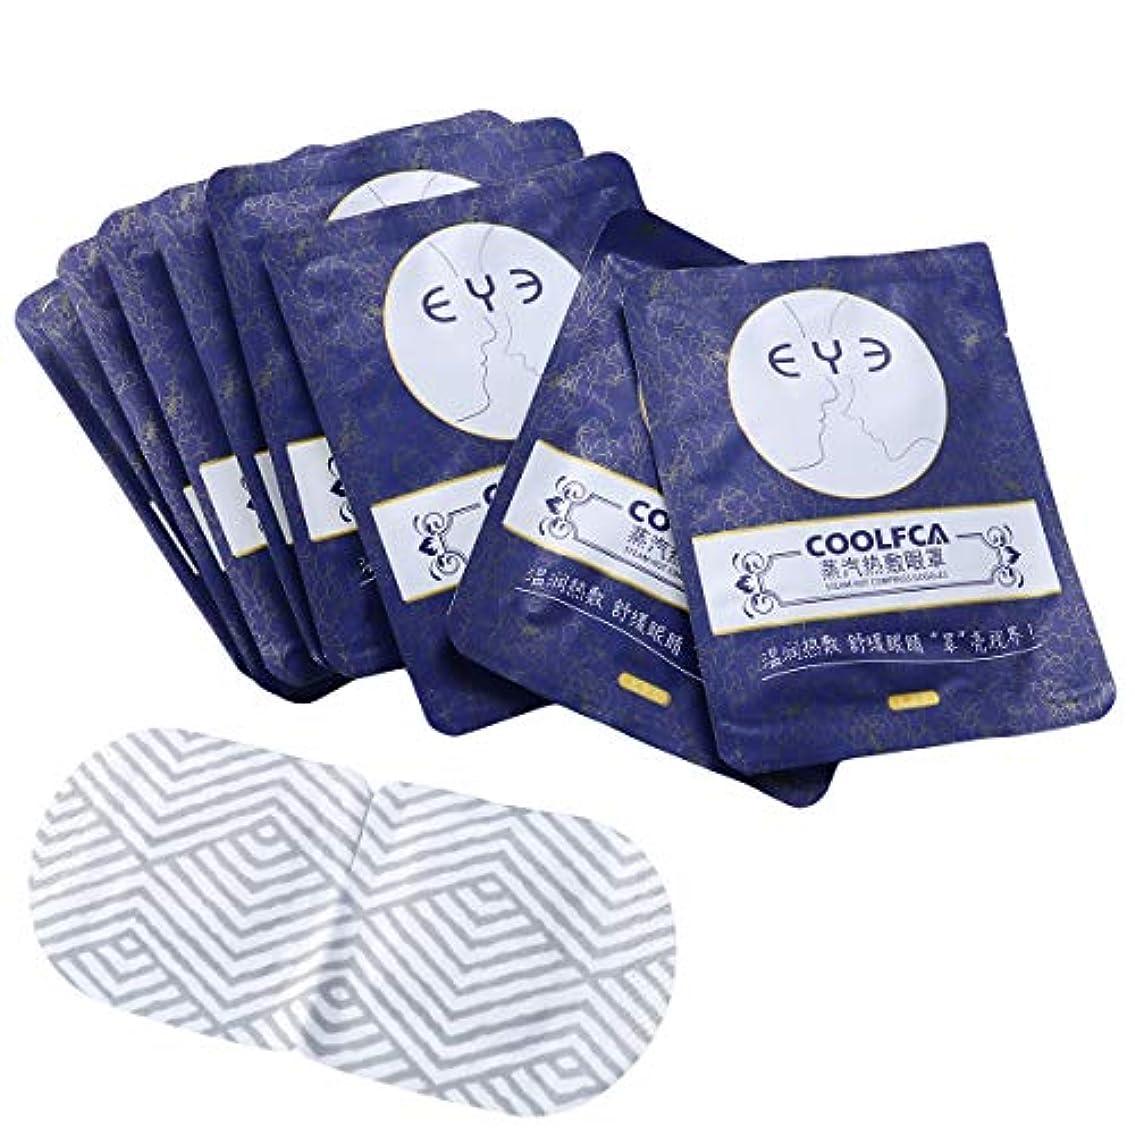 壁紙浸漬約設定HEALIFTY アイセラピーマスク10ピーススチーム暖かいアイマスクパッチホットスージング使い捨てパッド用アイケアスパ無香料